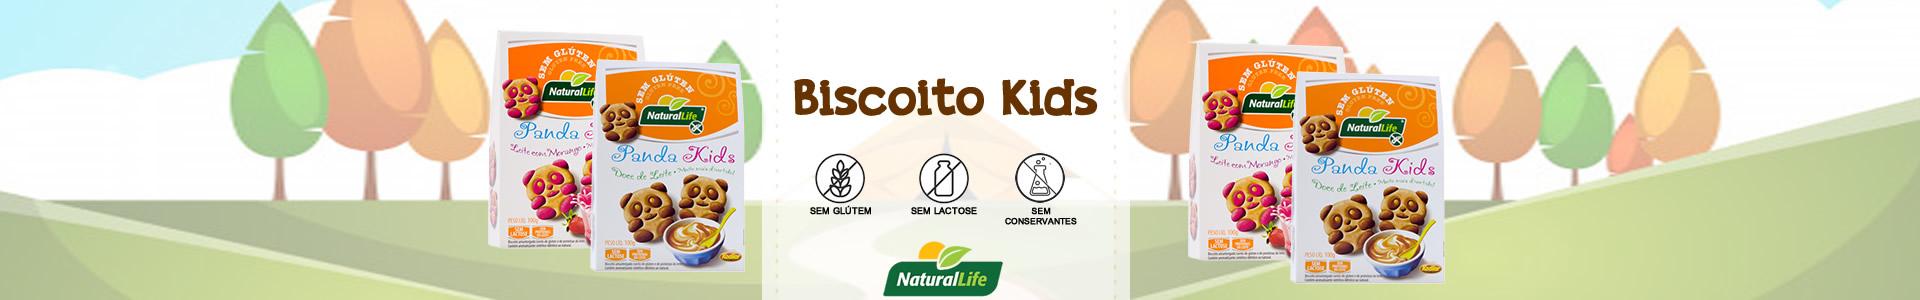 Biscoito Kids